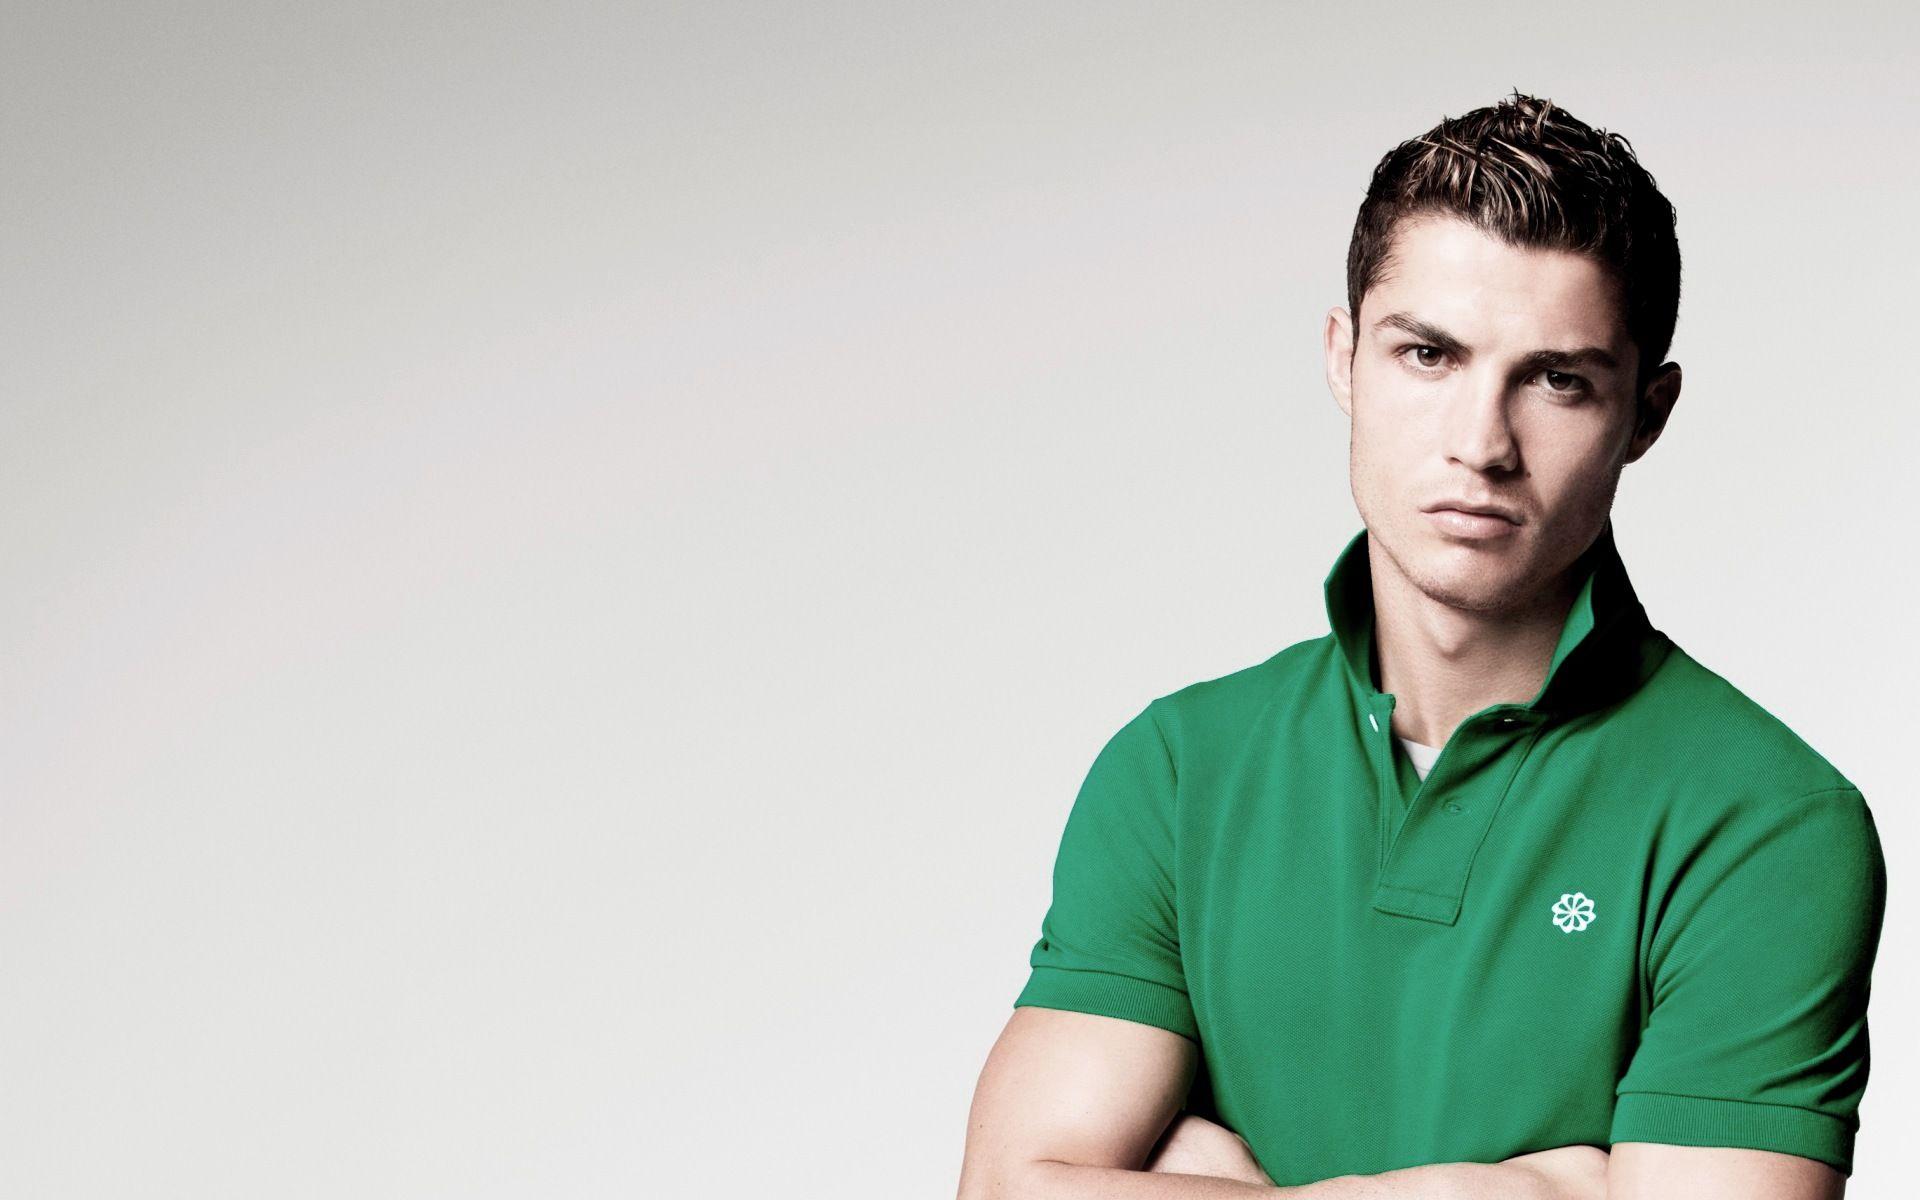 Hd wallpaper ronaldo - Cristiano Ronaldo Model Cr7 Hd Wallpaper